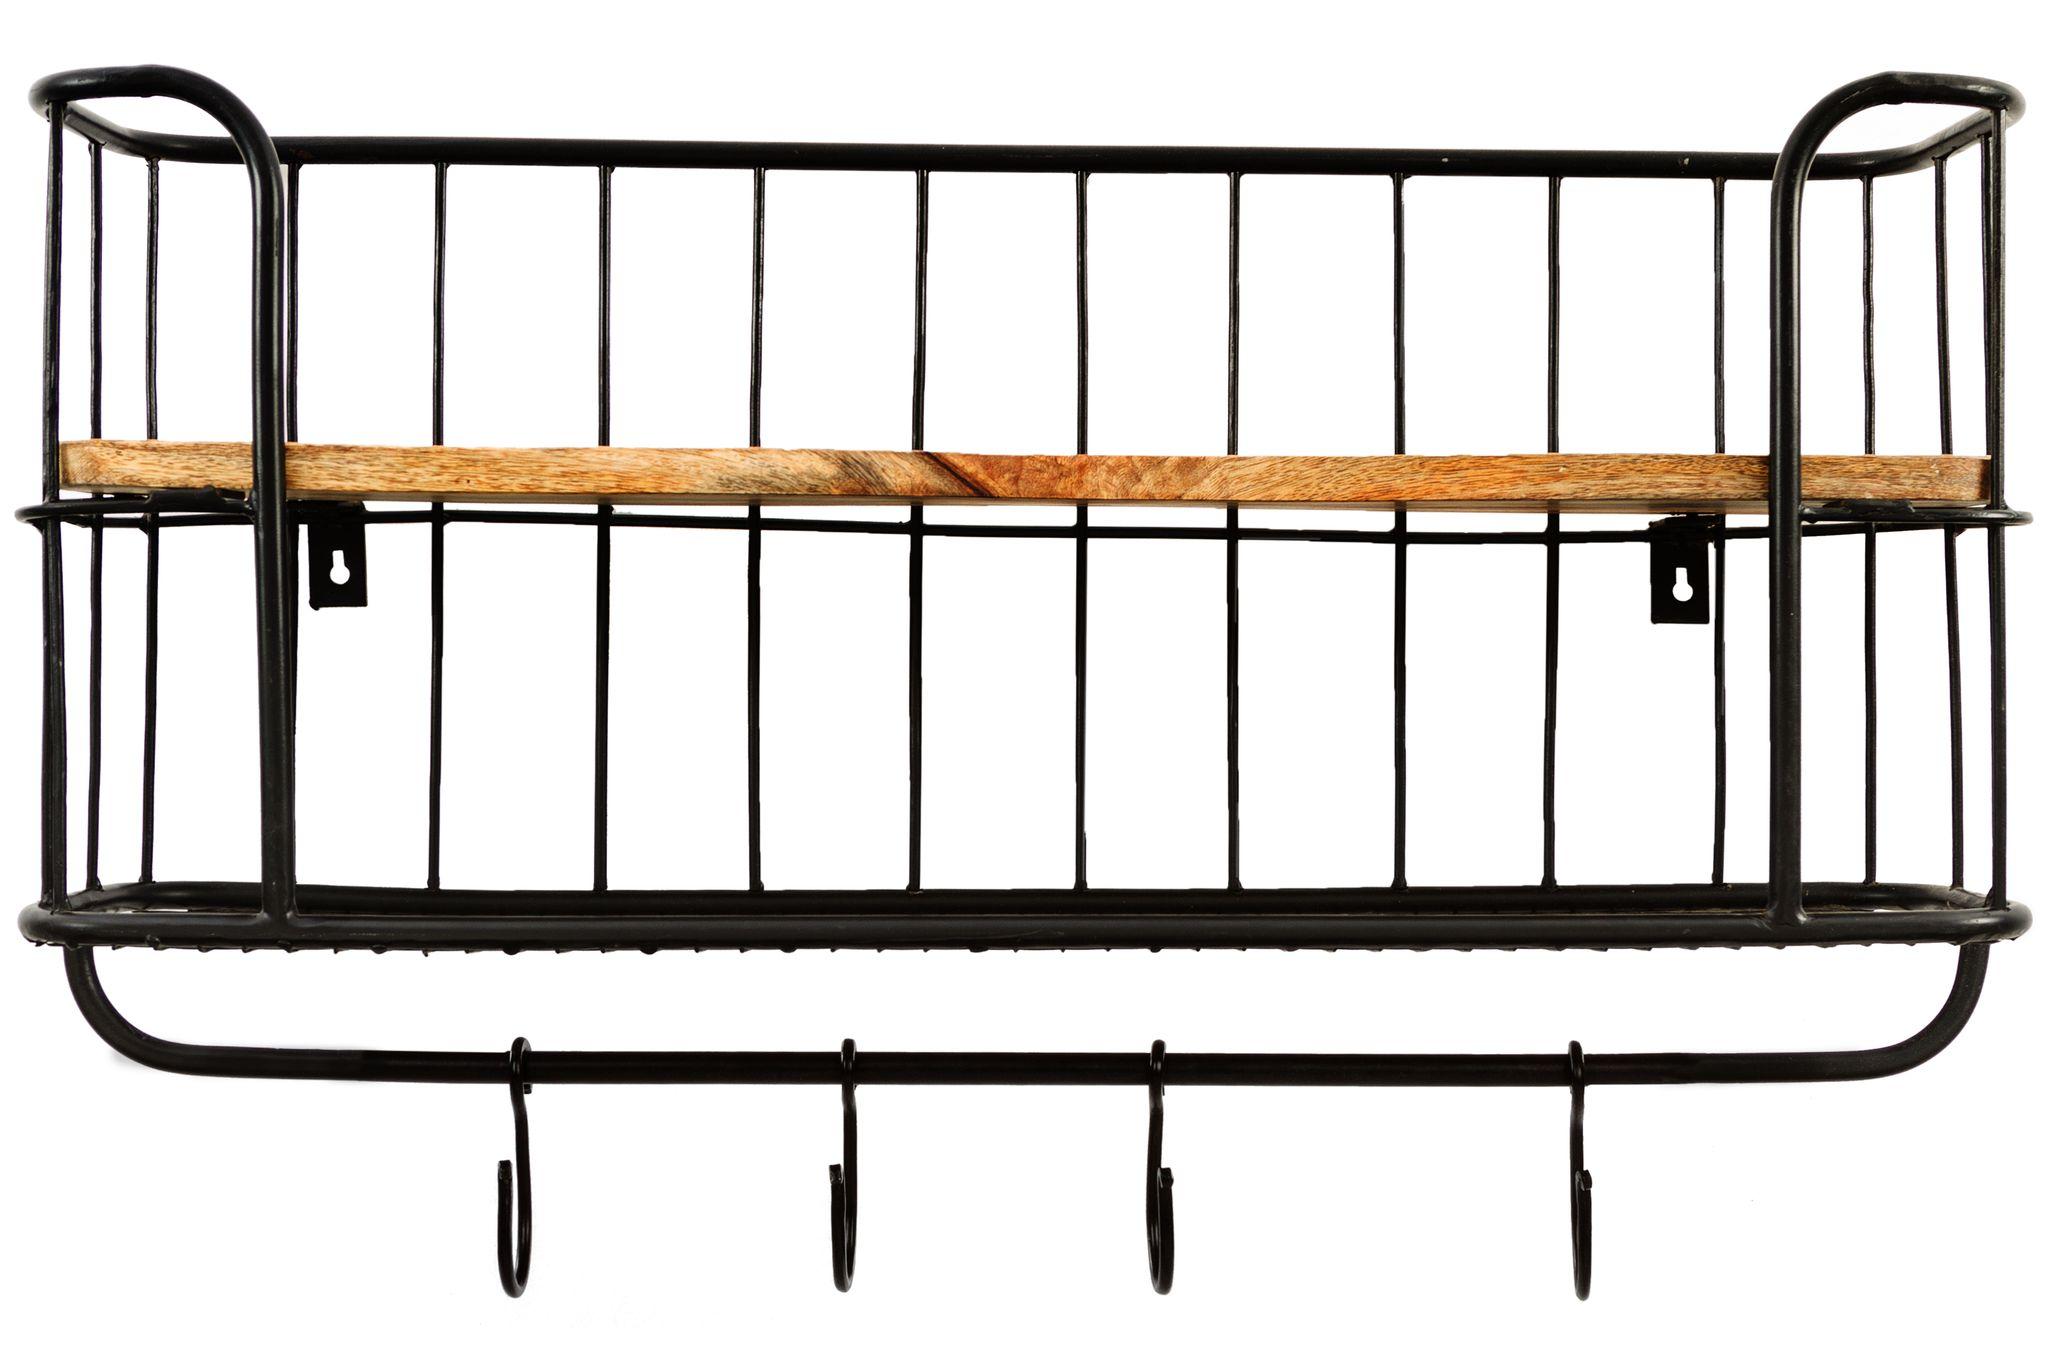 Full Size of Regal Holz Kleines Glasregal Bad Bett Massivholz 180x200 Werkstatt Regale Weiß Kinderzimmer 40 Cm Breit Garten Loungemöbel Raumteiler Küche Modern 30 Regal Regal Holz